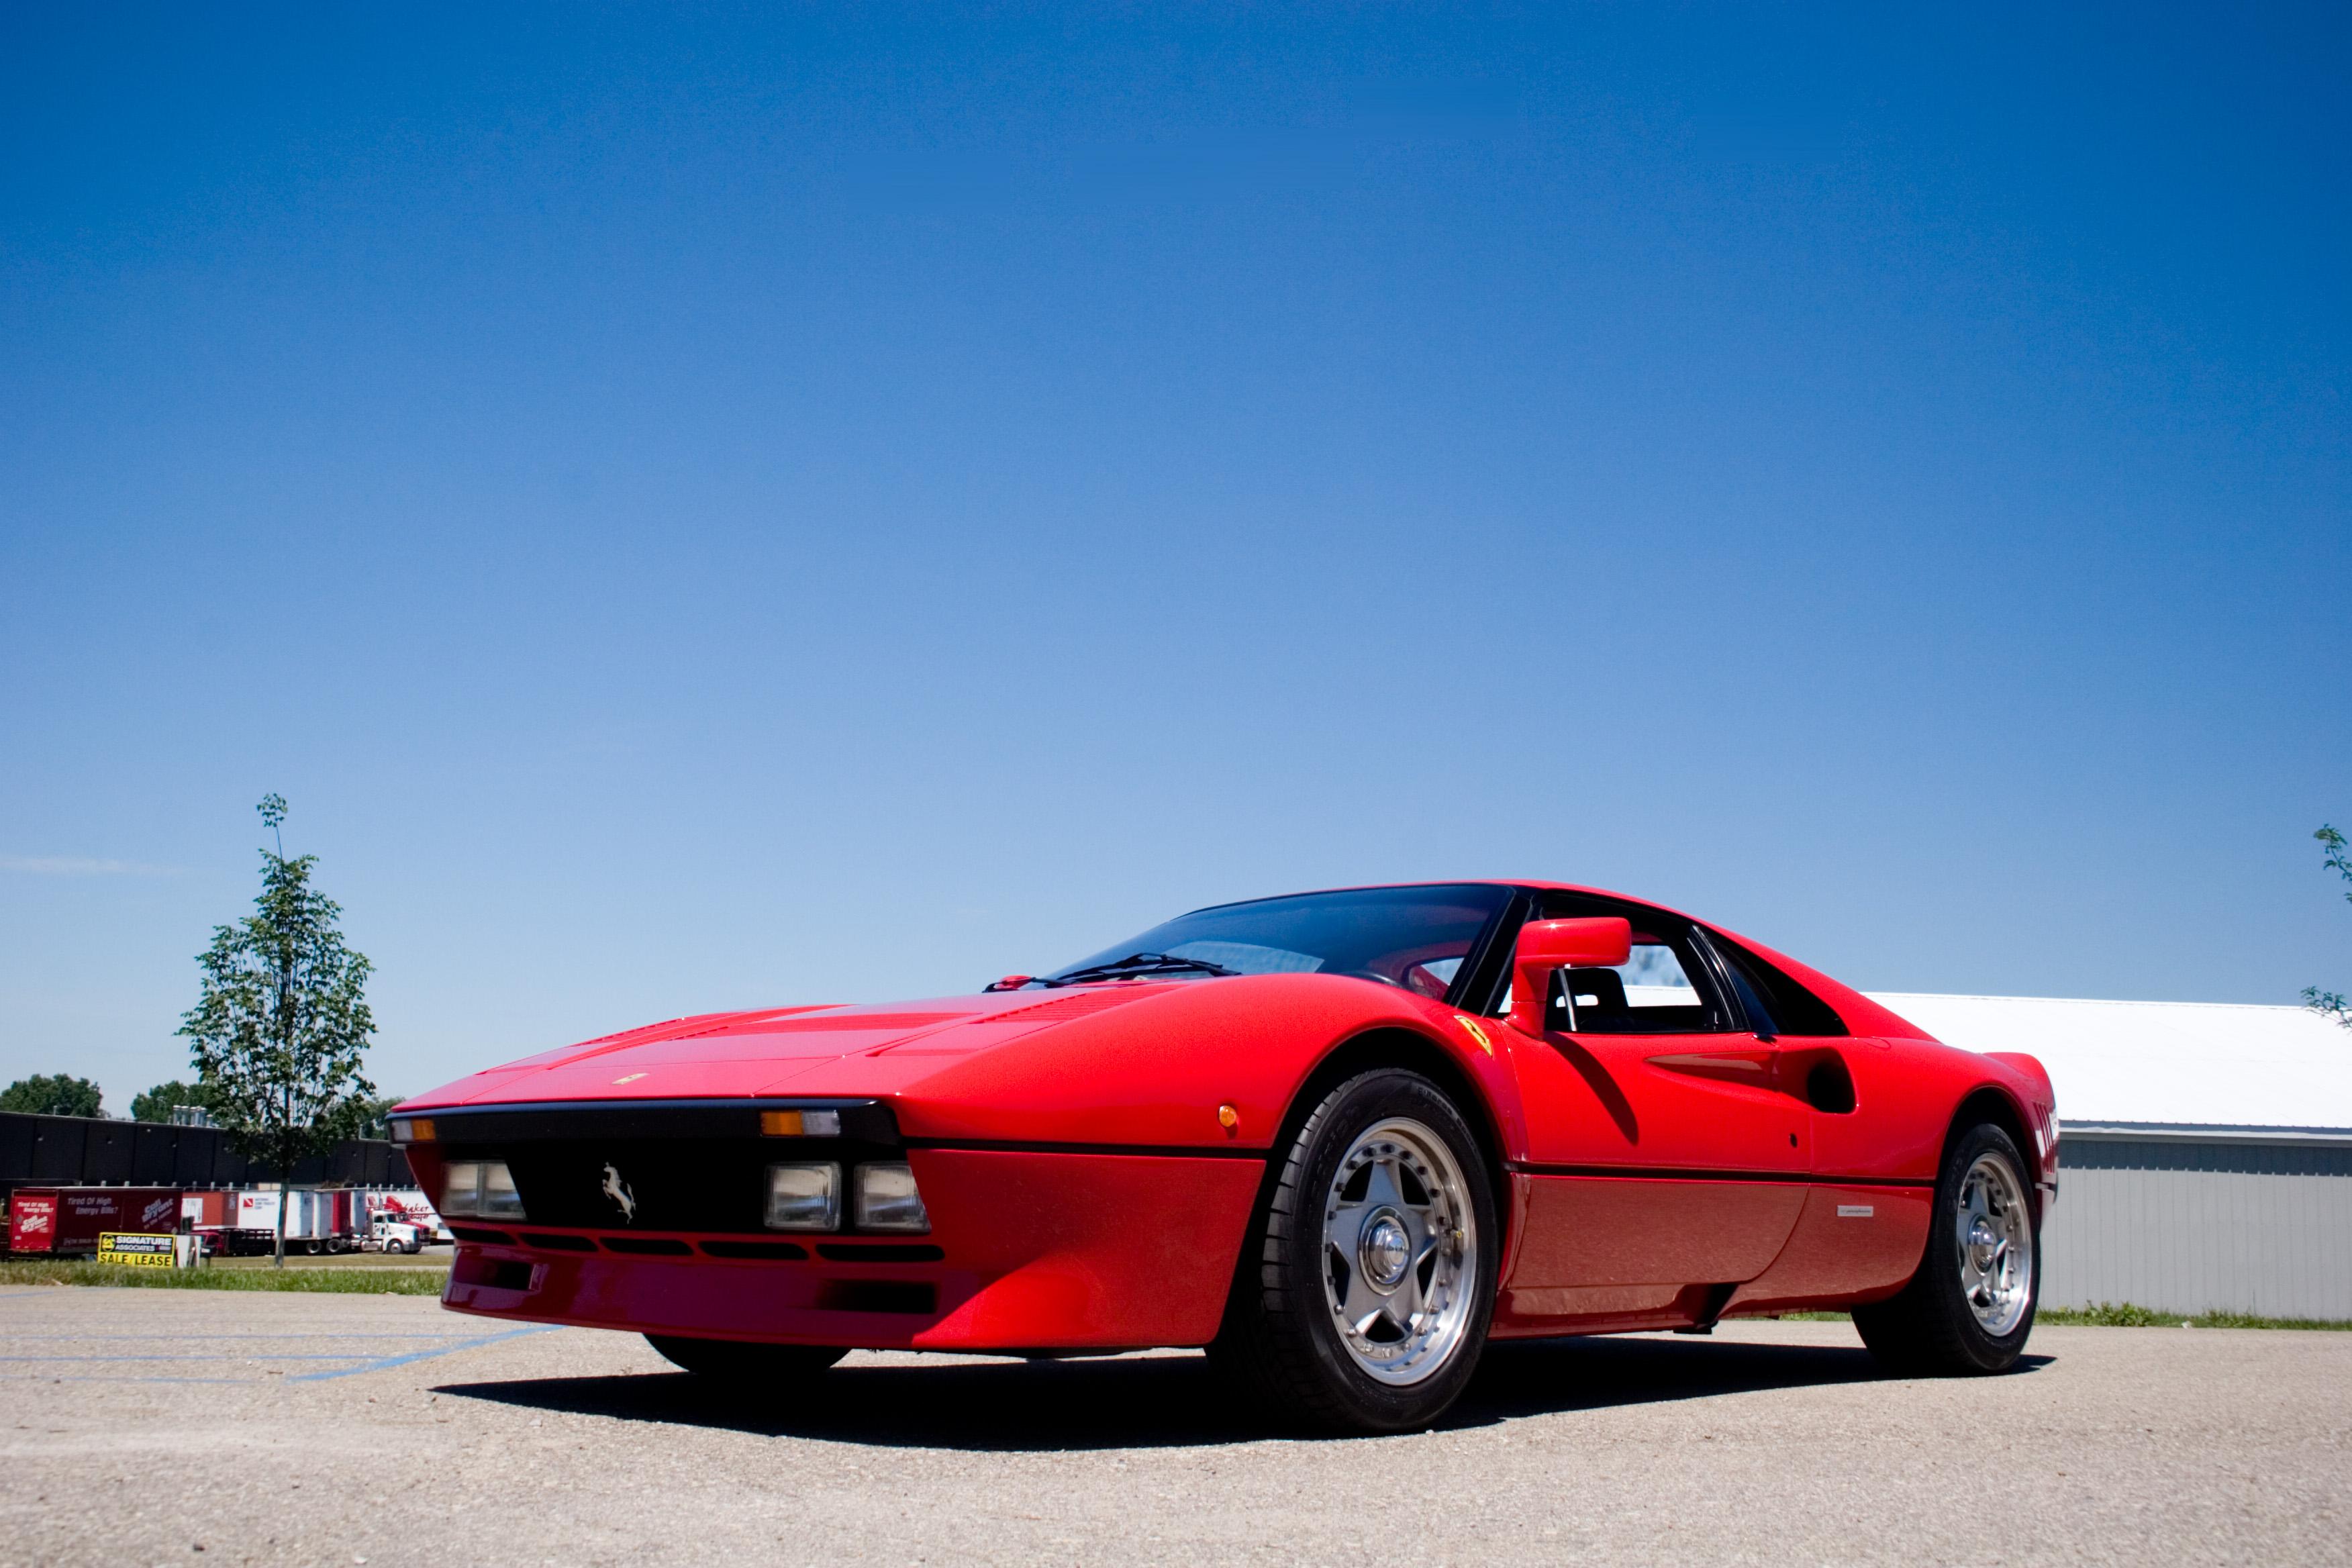 ... Ferrari 288 GTO WALLPAPERS crankandpiston-9